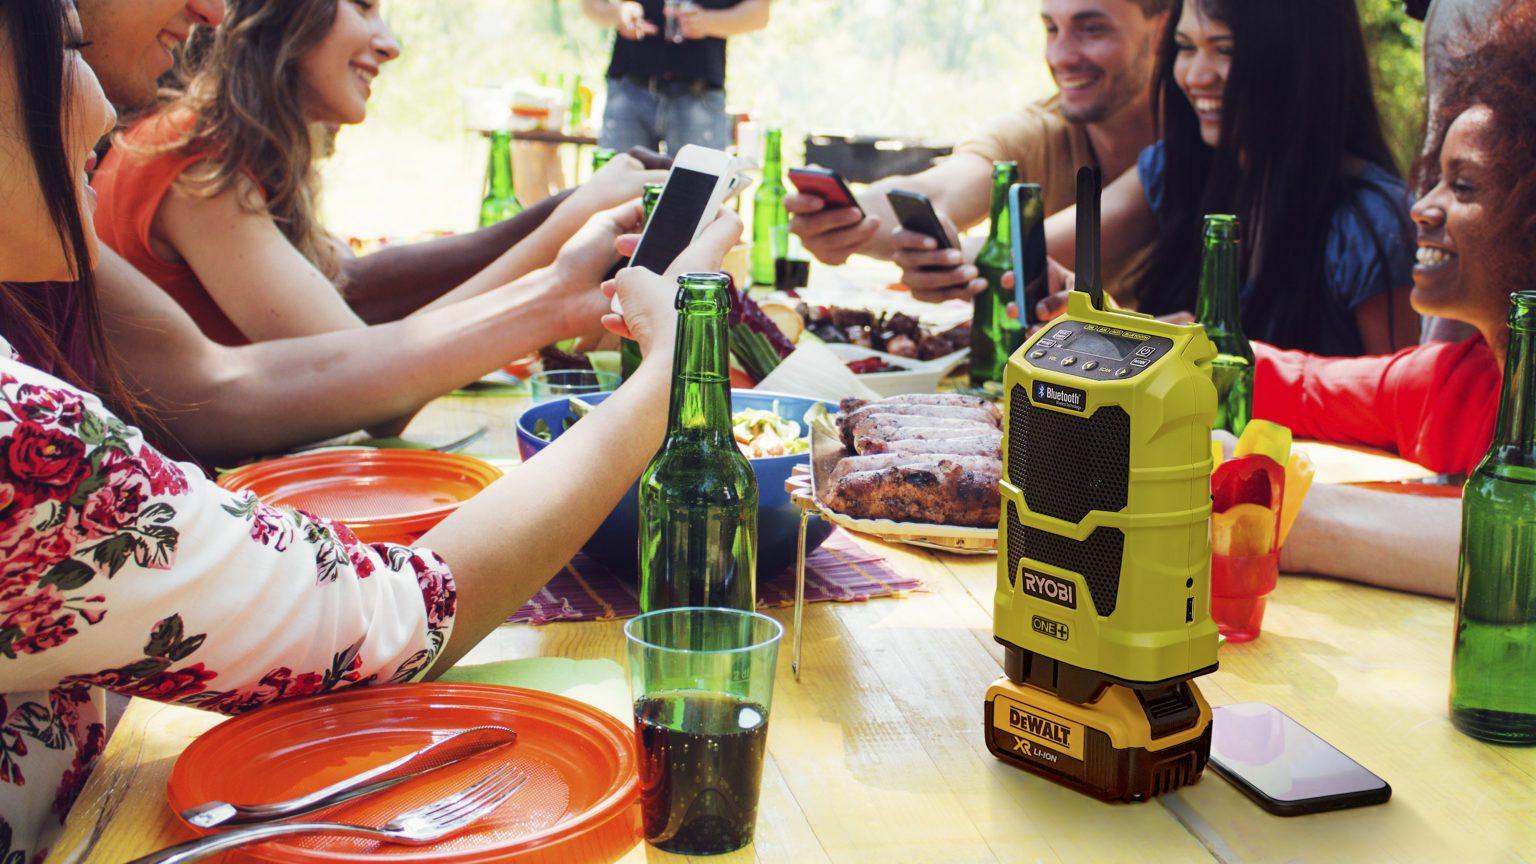 Use a Ryobi One+ radio with a DeWalt battery this summer